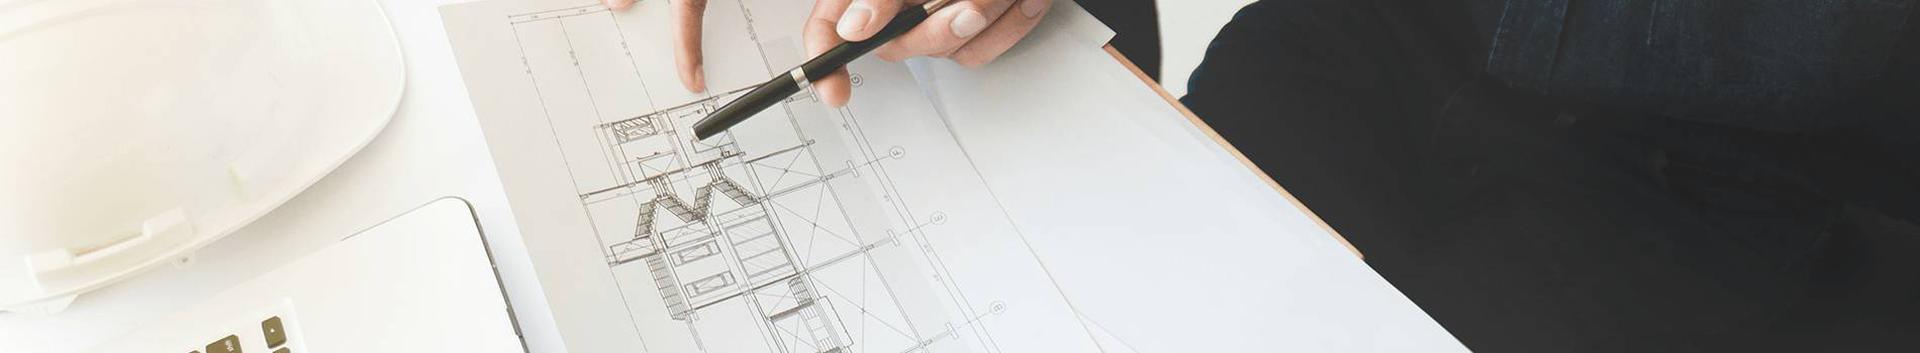 arhitektuuribürood, ehitusprojektid, projekteerimine, projekteerimisfirmad, teede- ja sillaehitus, finants- ja kinnisvaratehingud, äri- ja ametipindade rentimine, üürimine (kinnisvara), kinnisvaraarenduse finantseerimine, kinnisvara hindamine ja haldamine